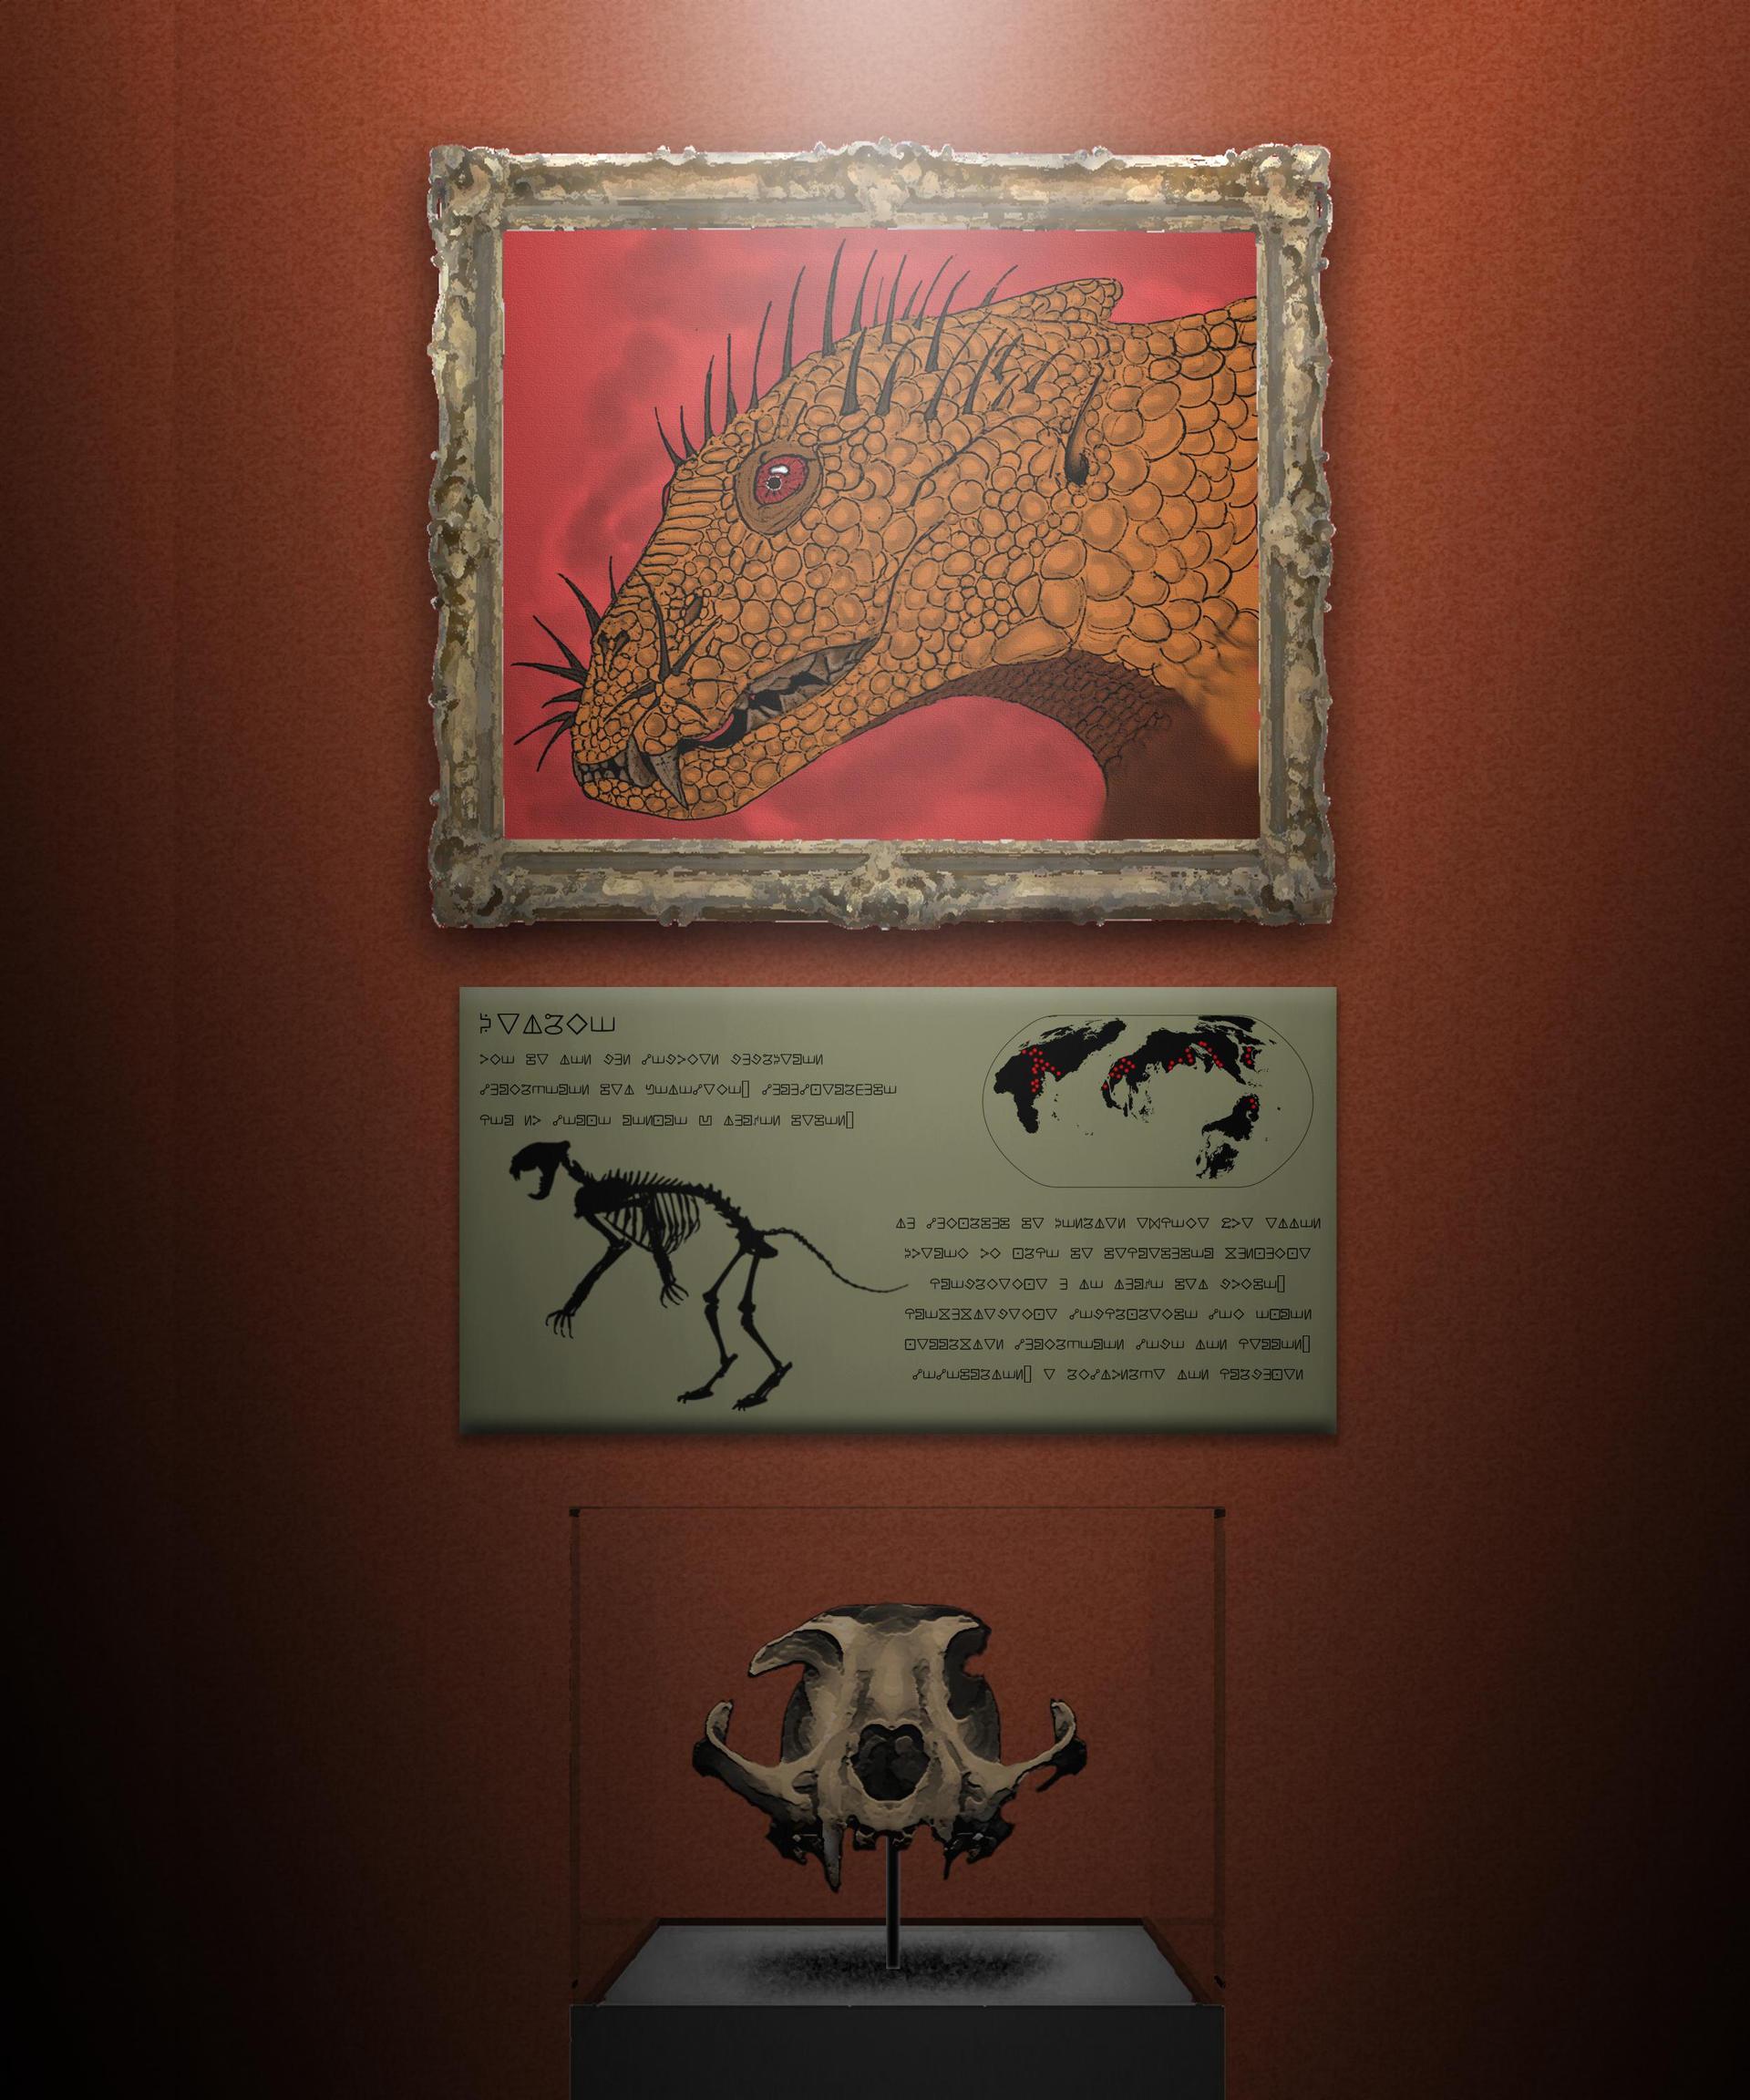 Holocene Park Holocene_park__the_feline_exhibition_by_dragonthunders_dcxeoxw-fullview.jpg?token=eyJ0eXAiOiJKV1QiLCJhbGciOiJIUzI1NiJ9.eyJzdWIiOiJ1cm46YXBwOiIsImlzcyI6InVybjphcHA6Iiwib2JqIjpbW3siaGVpZ2h0IjoiPD0yMzA0IiwicGF0aCI6IlwvZlwvNGRiZWVmMDItN2Q5OS00OTEwLWI2ZWMtY2YzY2I0MjFjMGE3XC9kY3hlb3h3LWVmNDkzYmMyLTc4NmItNGZlNy1iYjQxLTZkY2JmNTMwZmNmZS5qcGciLCJ3aWR0aCI6Ijw9MTkyMCJ9XV0sImF1ZCI6WyJ1cm46c2VydmljZTppbWFnZS5vcGVyYXRpb25zIl19